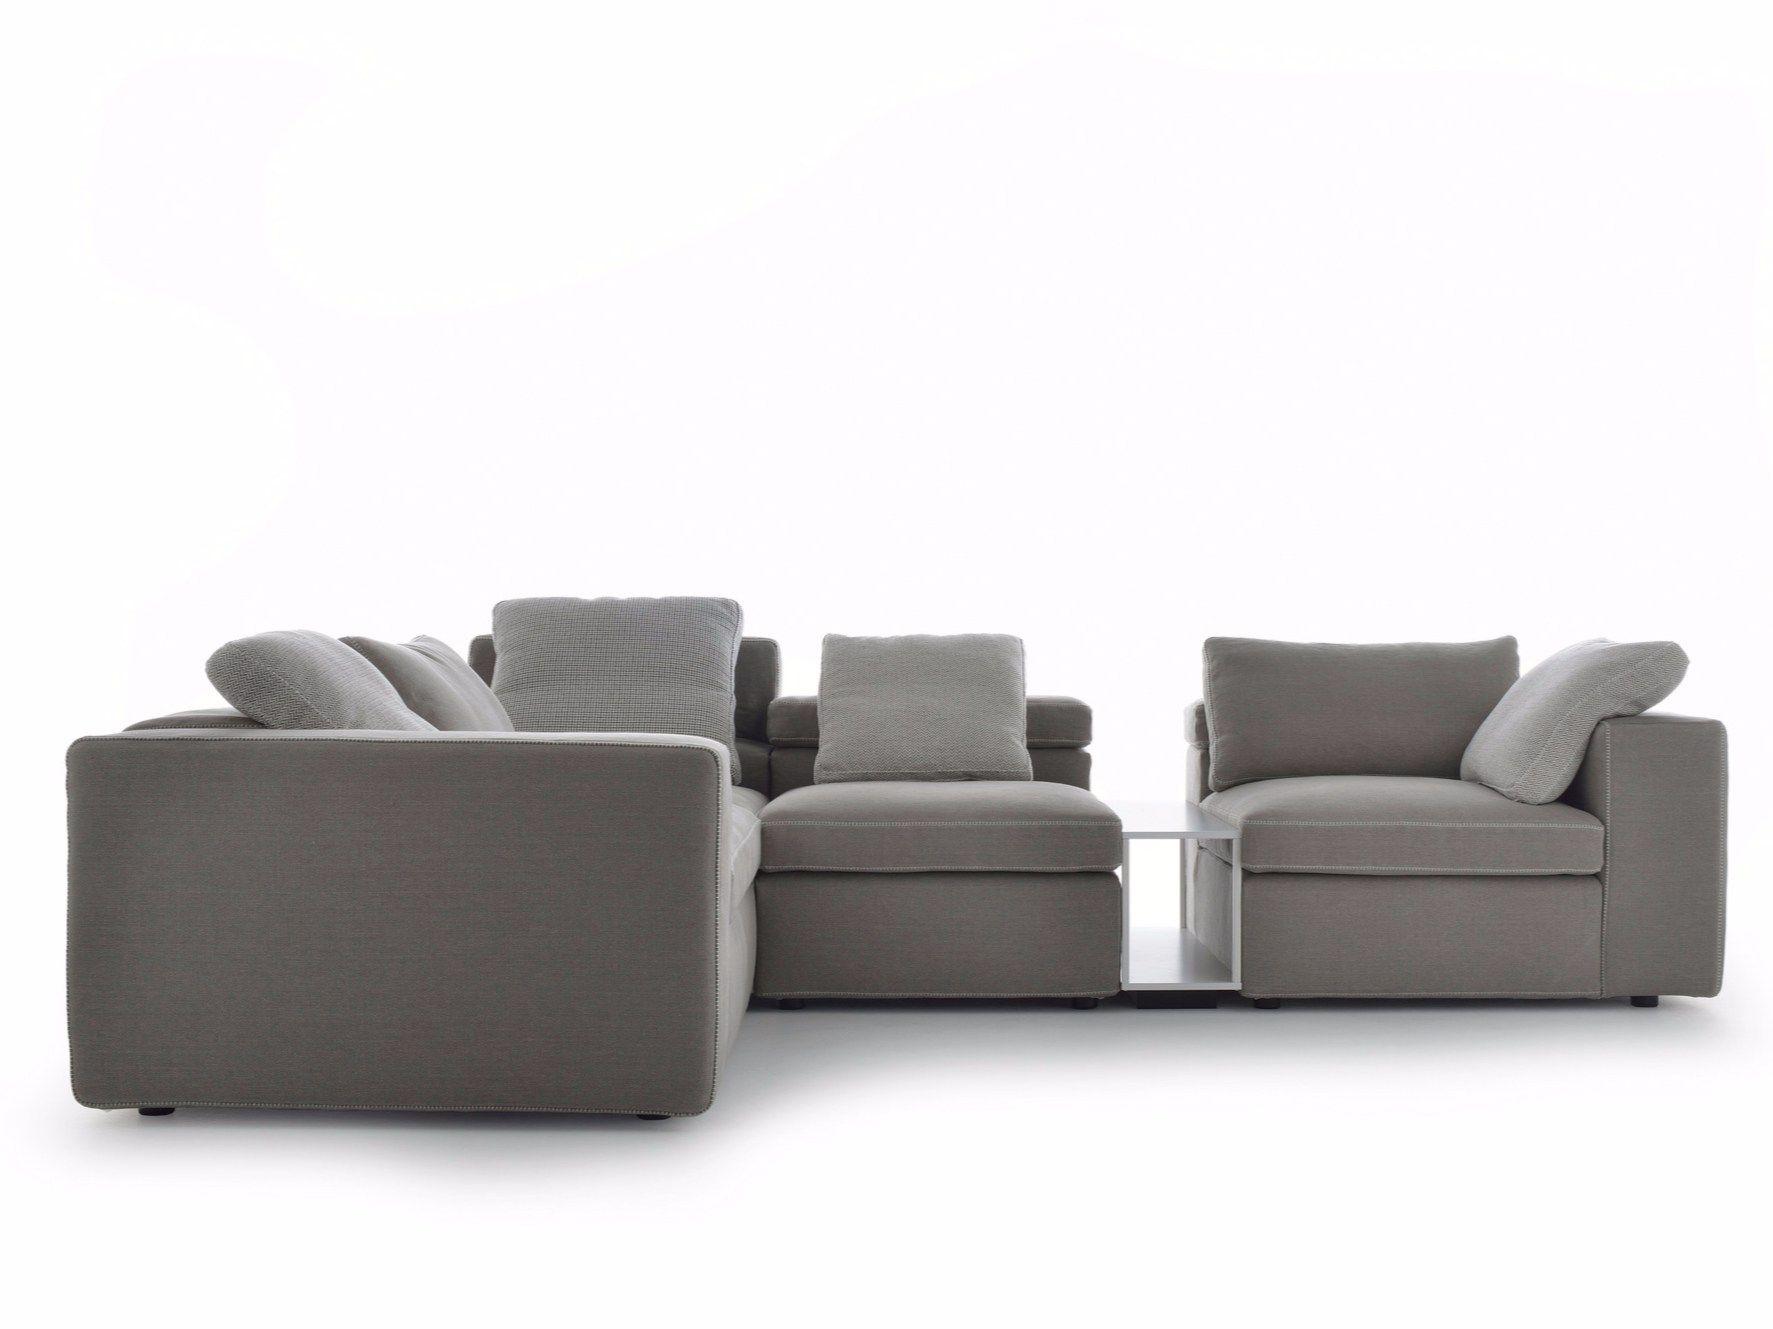 Grafo divano angolare by mdf italia design victor vasilev - Divano componibile angolare ...